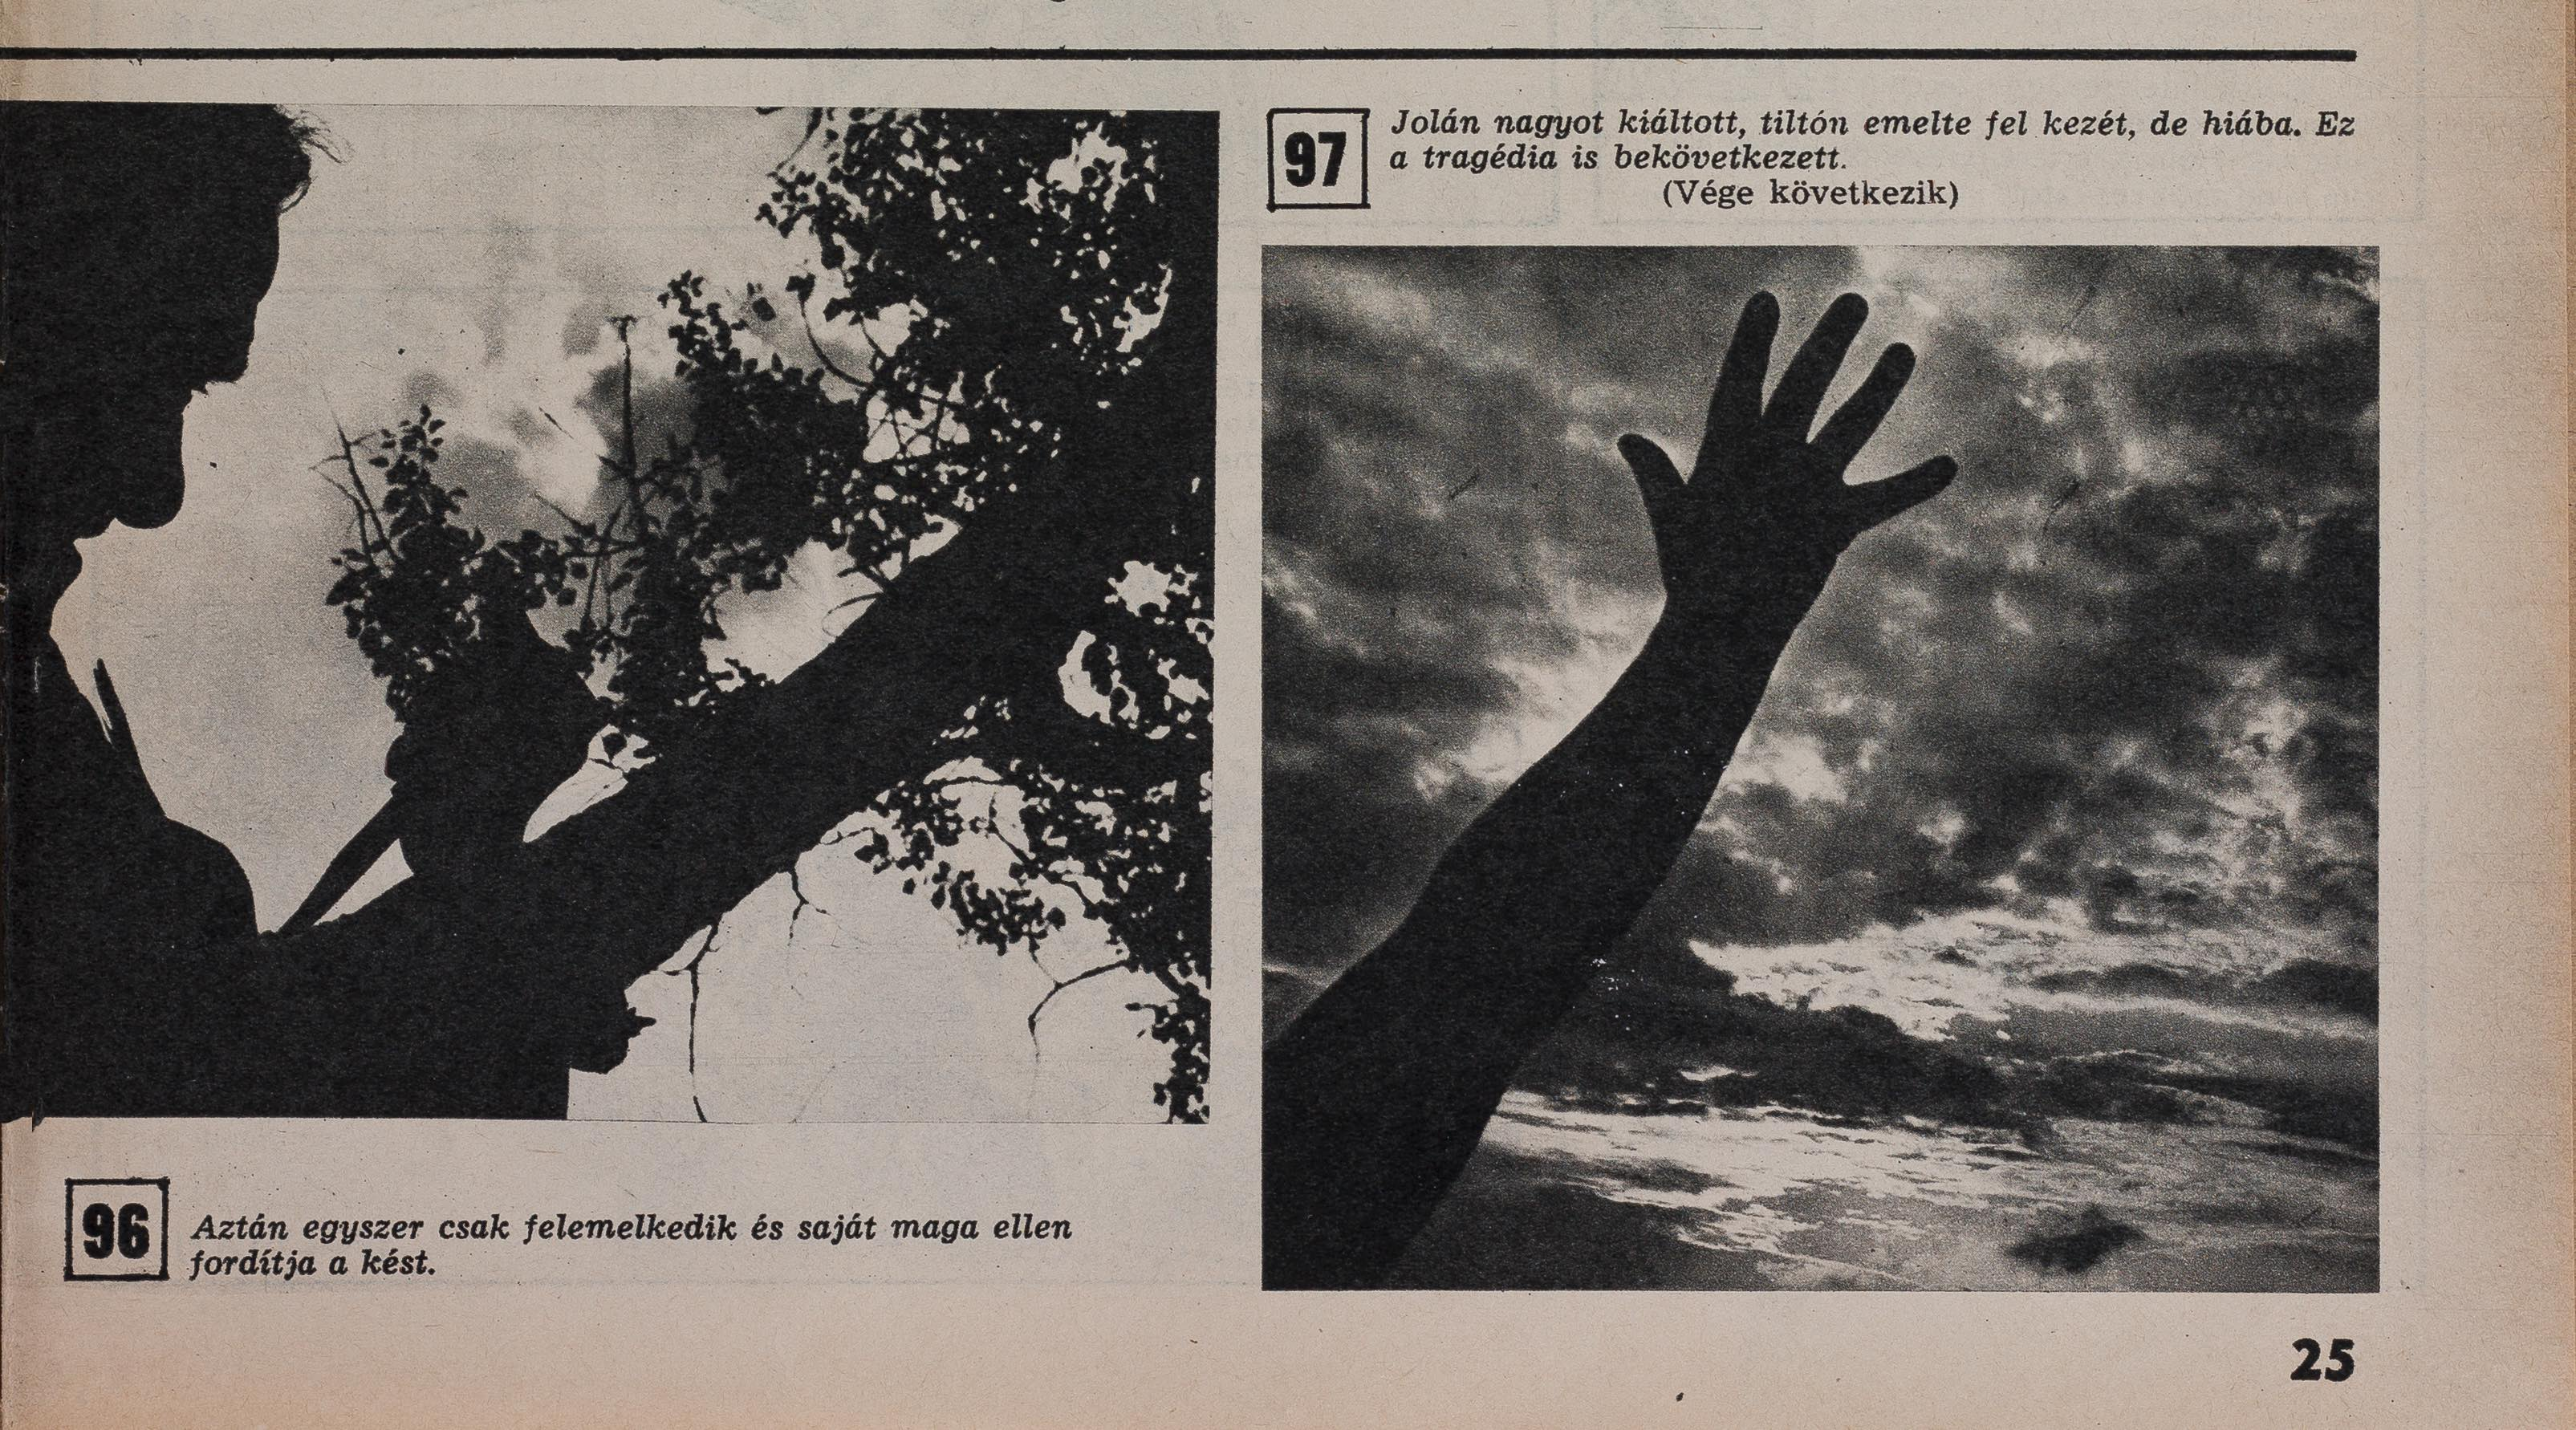 KÚ – 1971. XII. évf. 21. sz. 24-25. o.<br />A méhész története 17. rész <br /><br />A MÉHÉSZ TÖRTÉNETE 1-18. rész<br />fényképezte: Berendi Ferenc<br />KÉPES ÚJSÁG – 1971 XII. évf. 5.- 22 szám 24-25. o.<br />